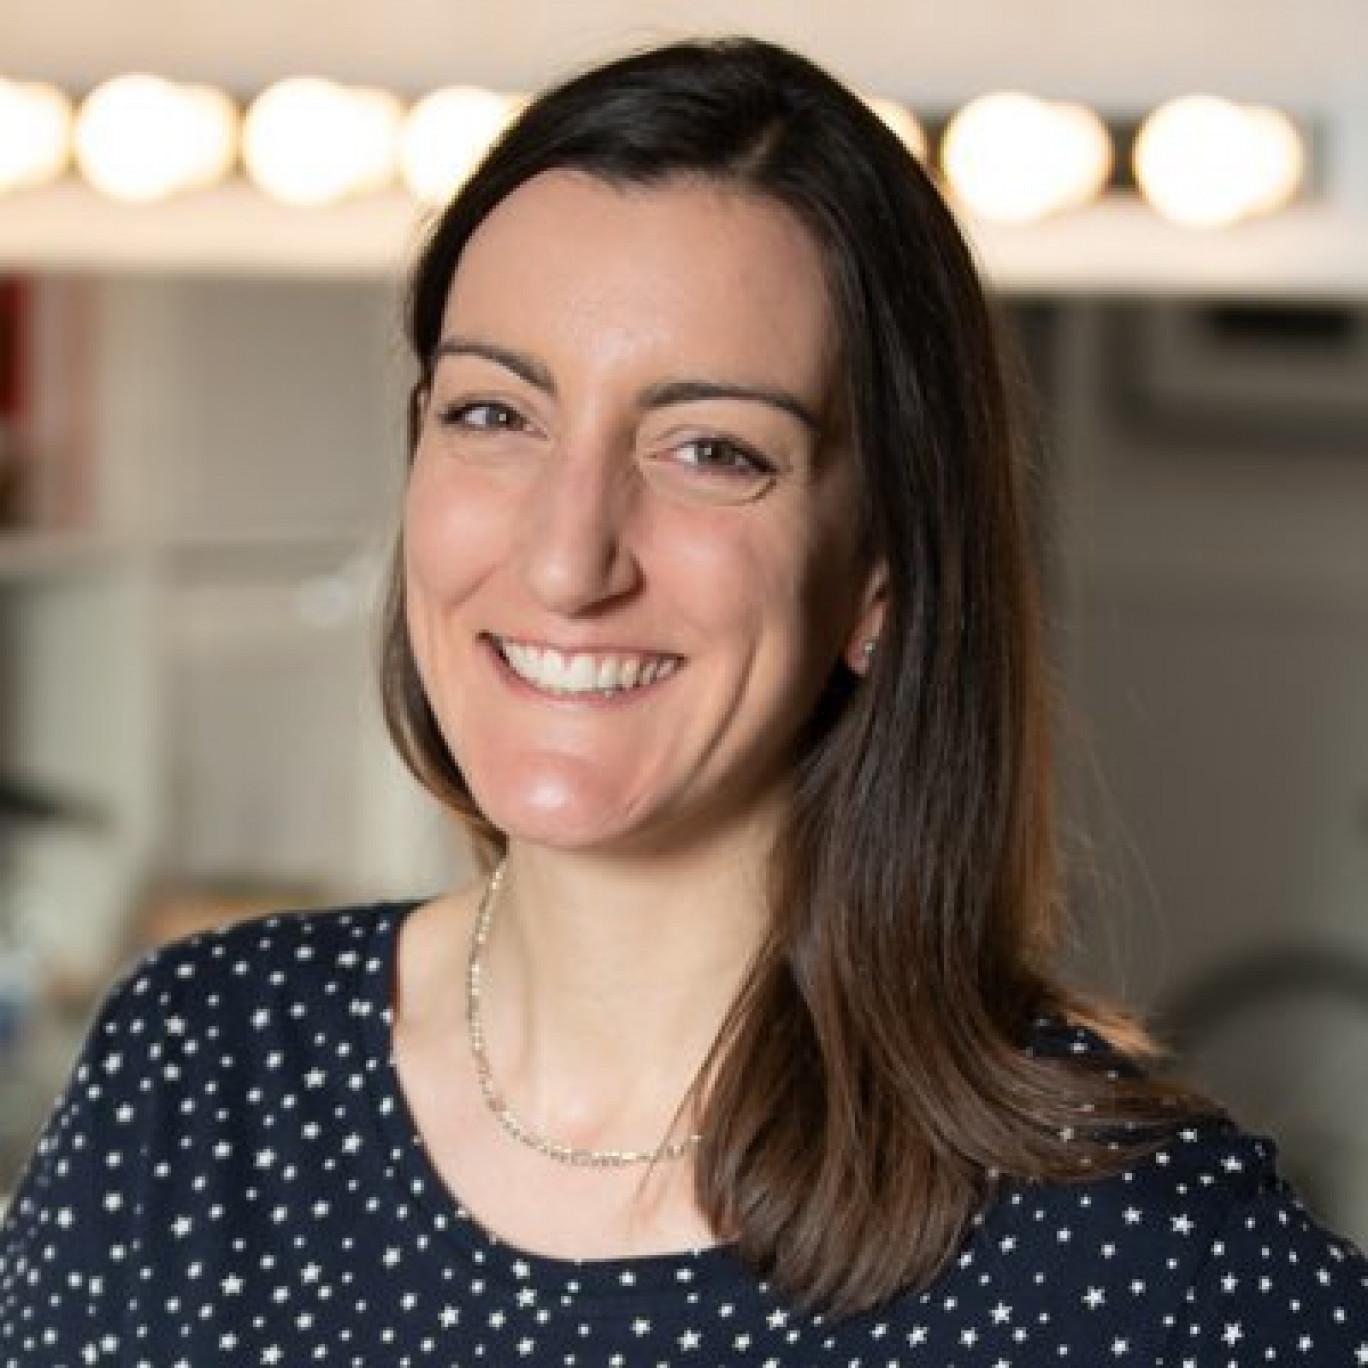 Coronavirus, Elisa è la prima italiana a testare il vaccino: «Per ora sto benissimo»